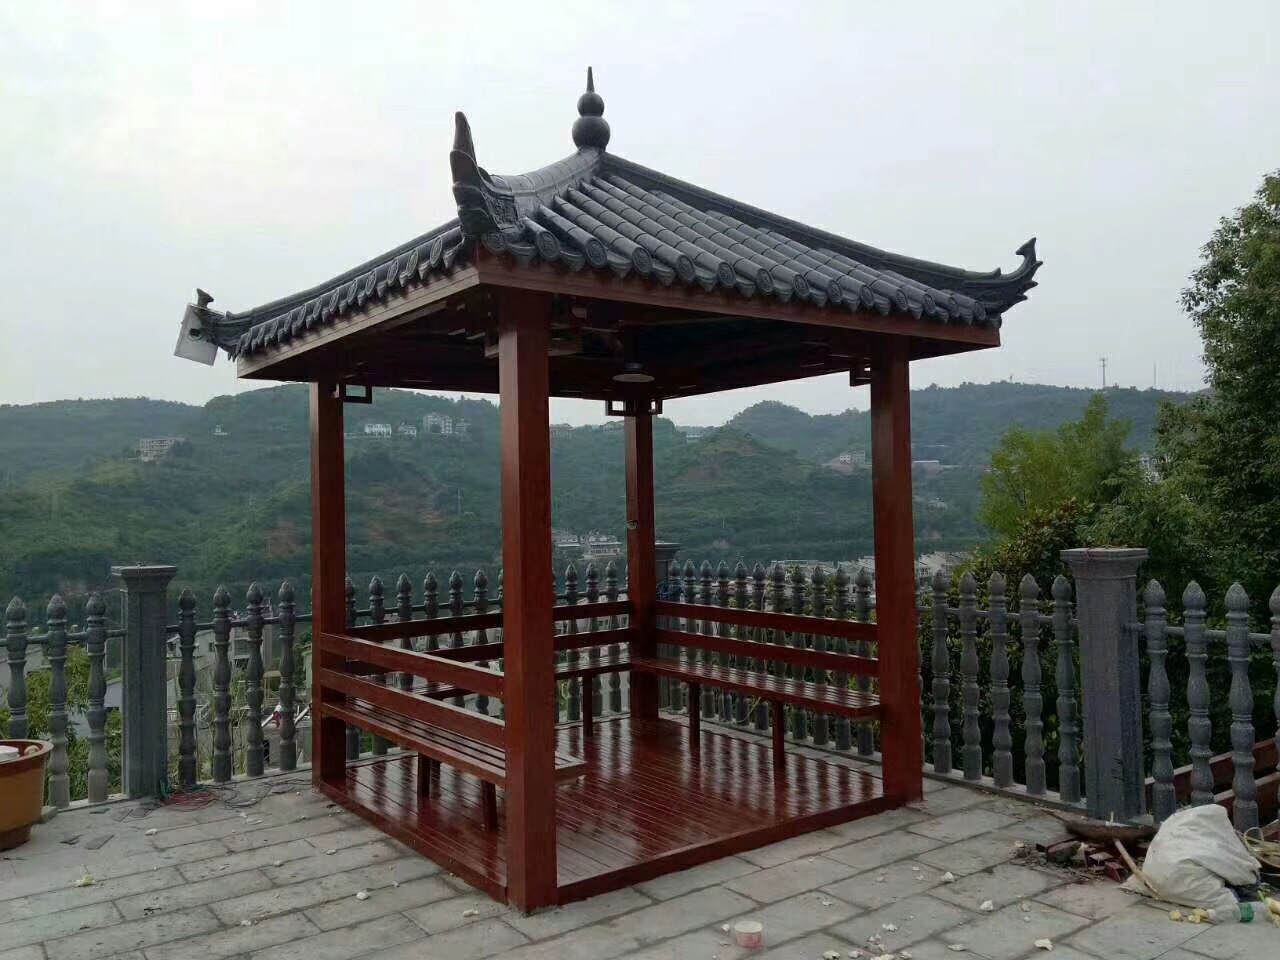 江苏省常州市的风景